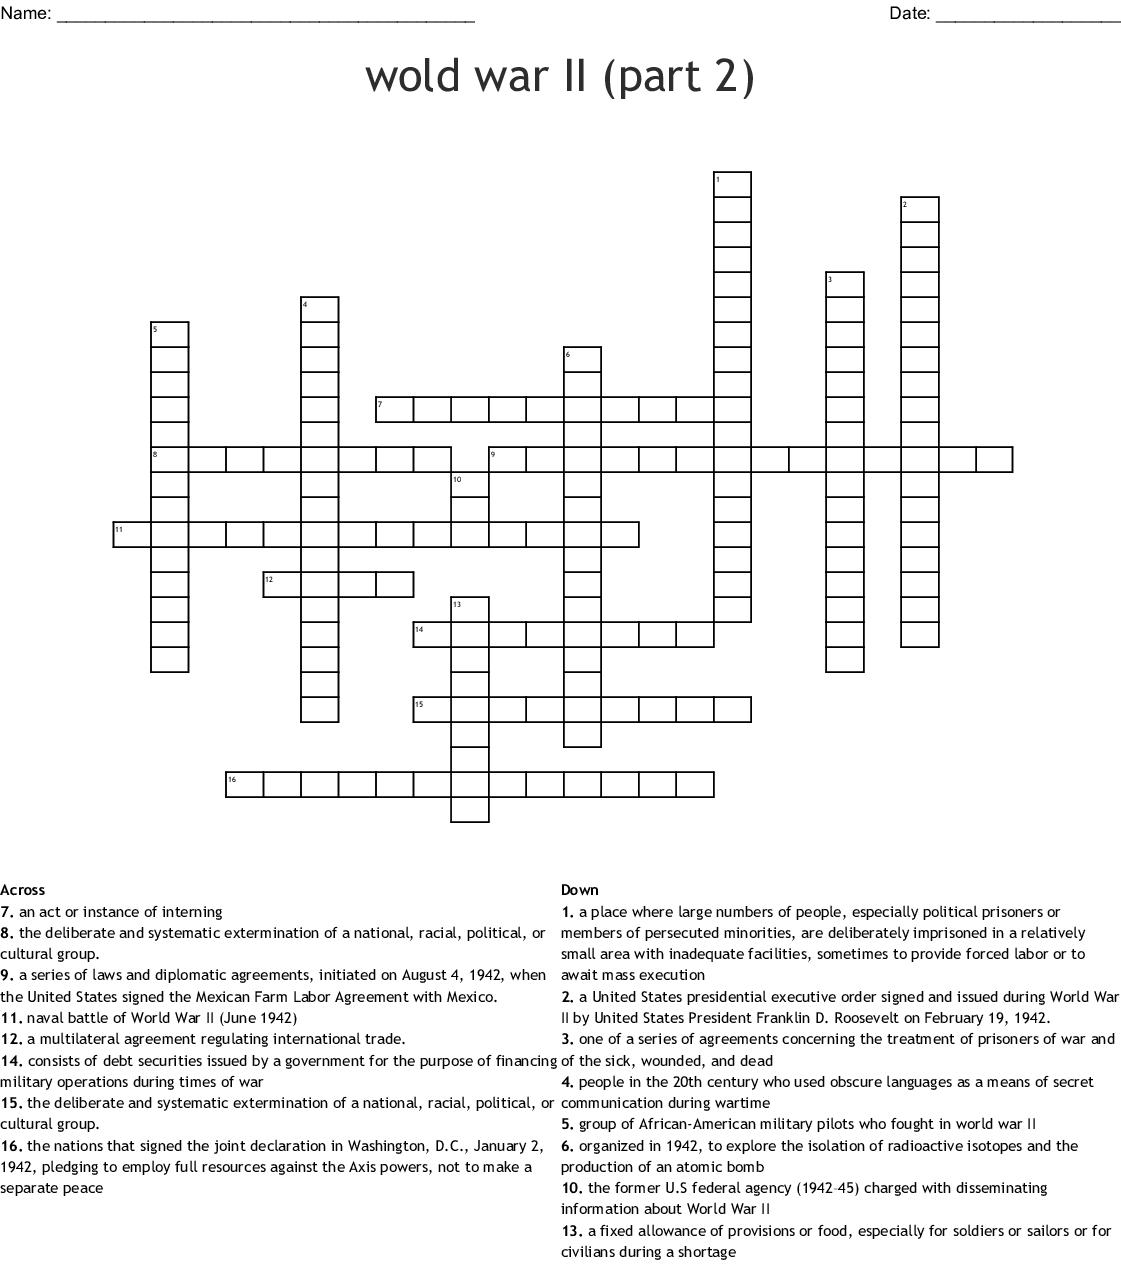 Wold War Ii Part 2 Crossword